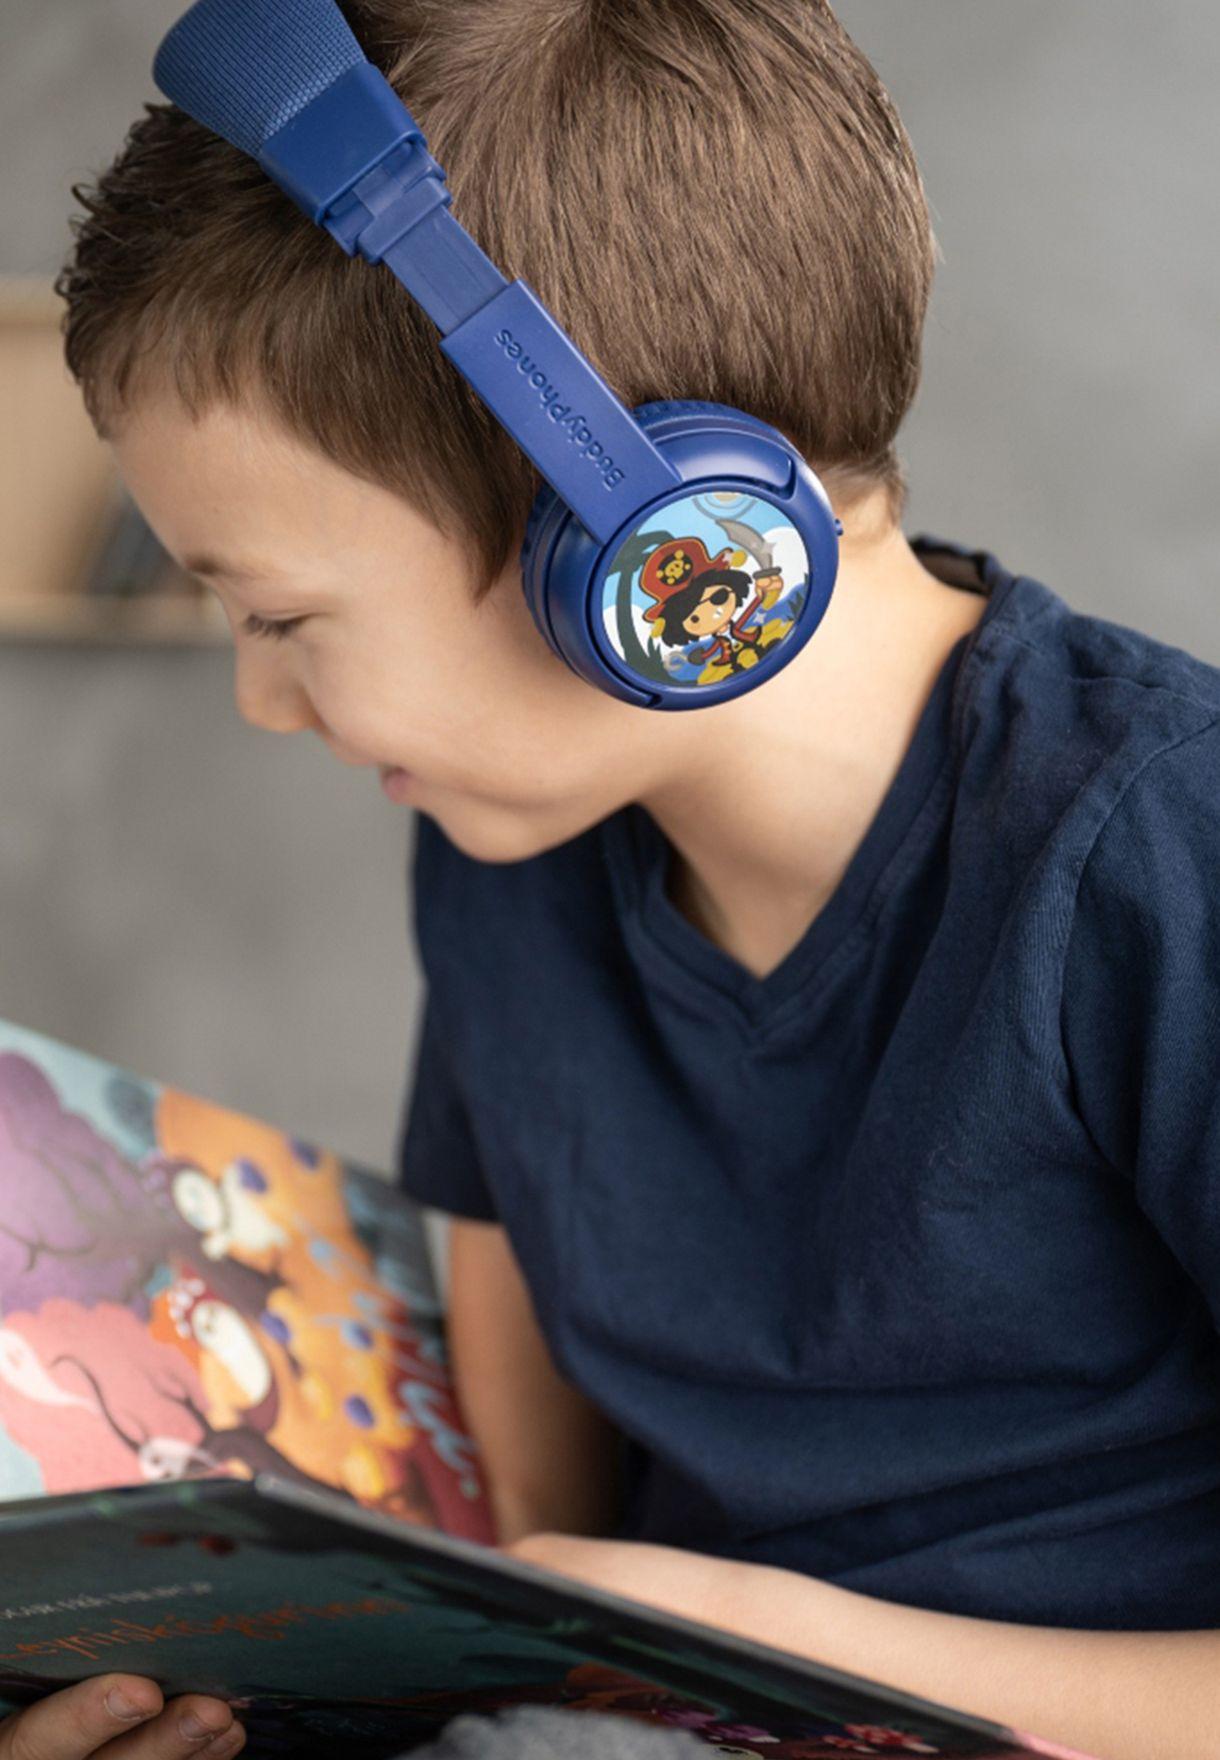 سماعات أذن لاسلكية